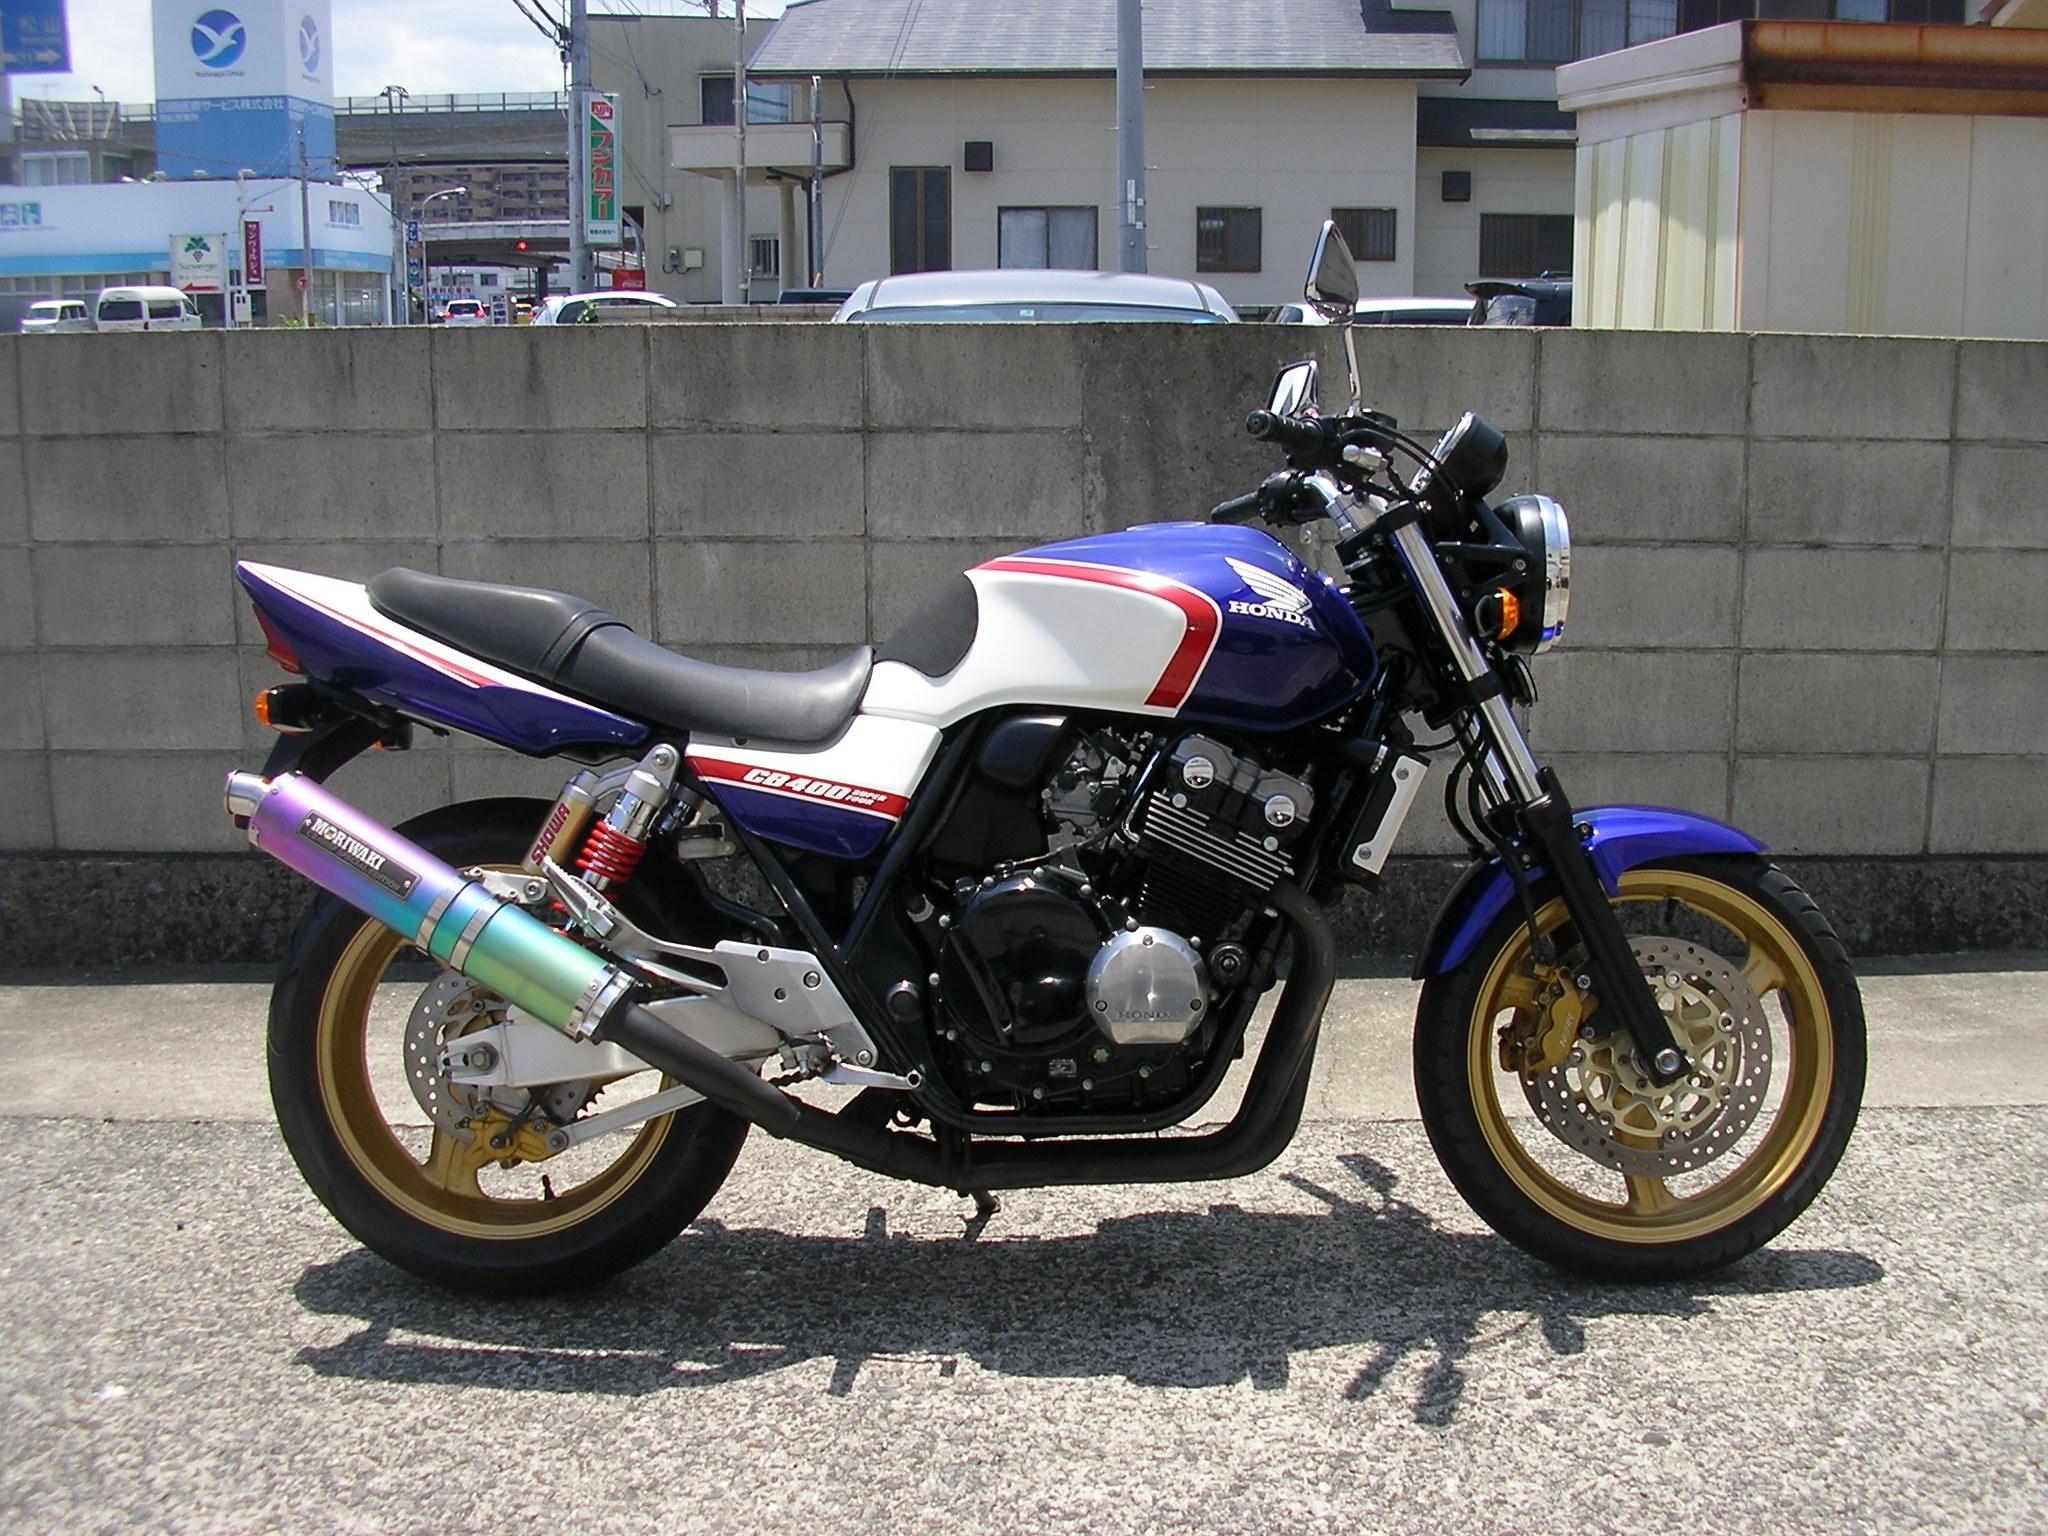 CB400SF VTEC2 (FC-000) - 【公式】レンタルバイクのベストBike® 鳥取砂丘コナン空港